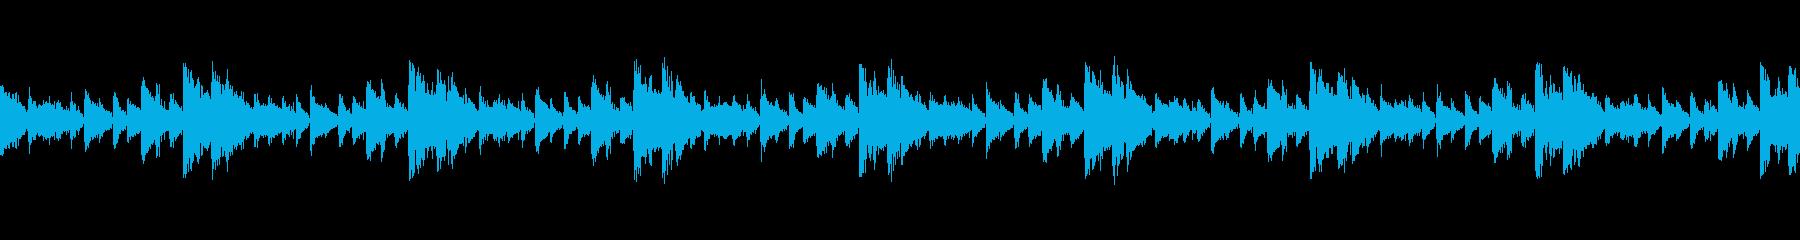 攻撃的なシンセサイザー・テクノ・EDMの再生済みの波形